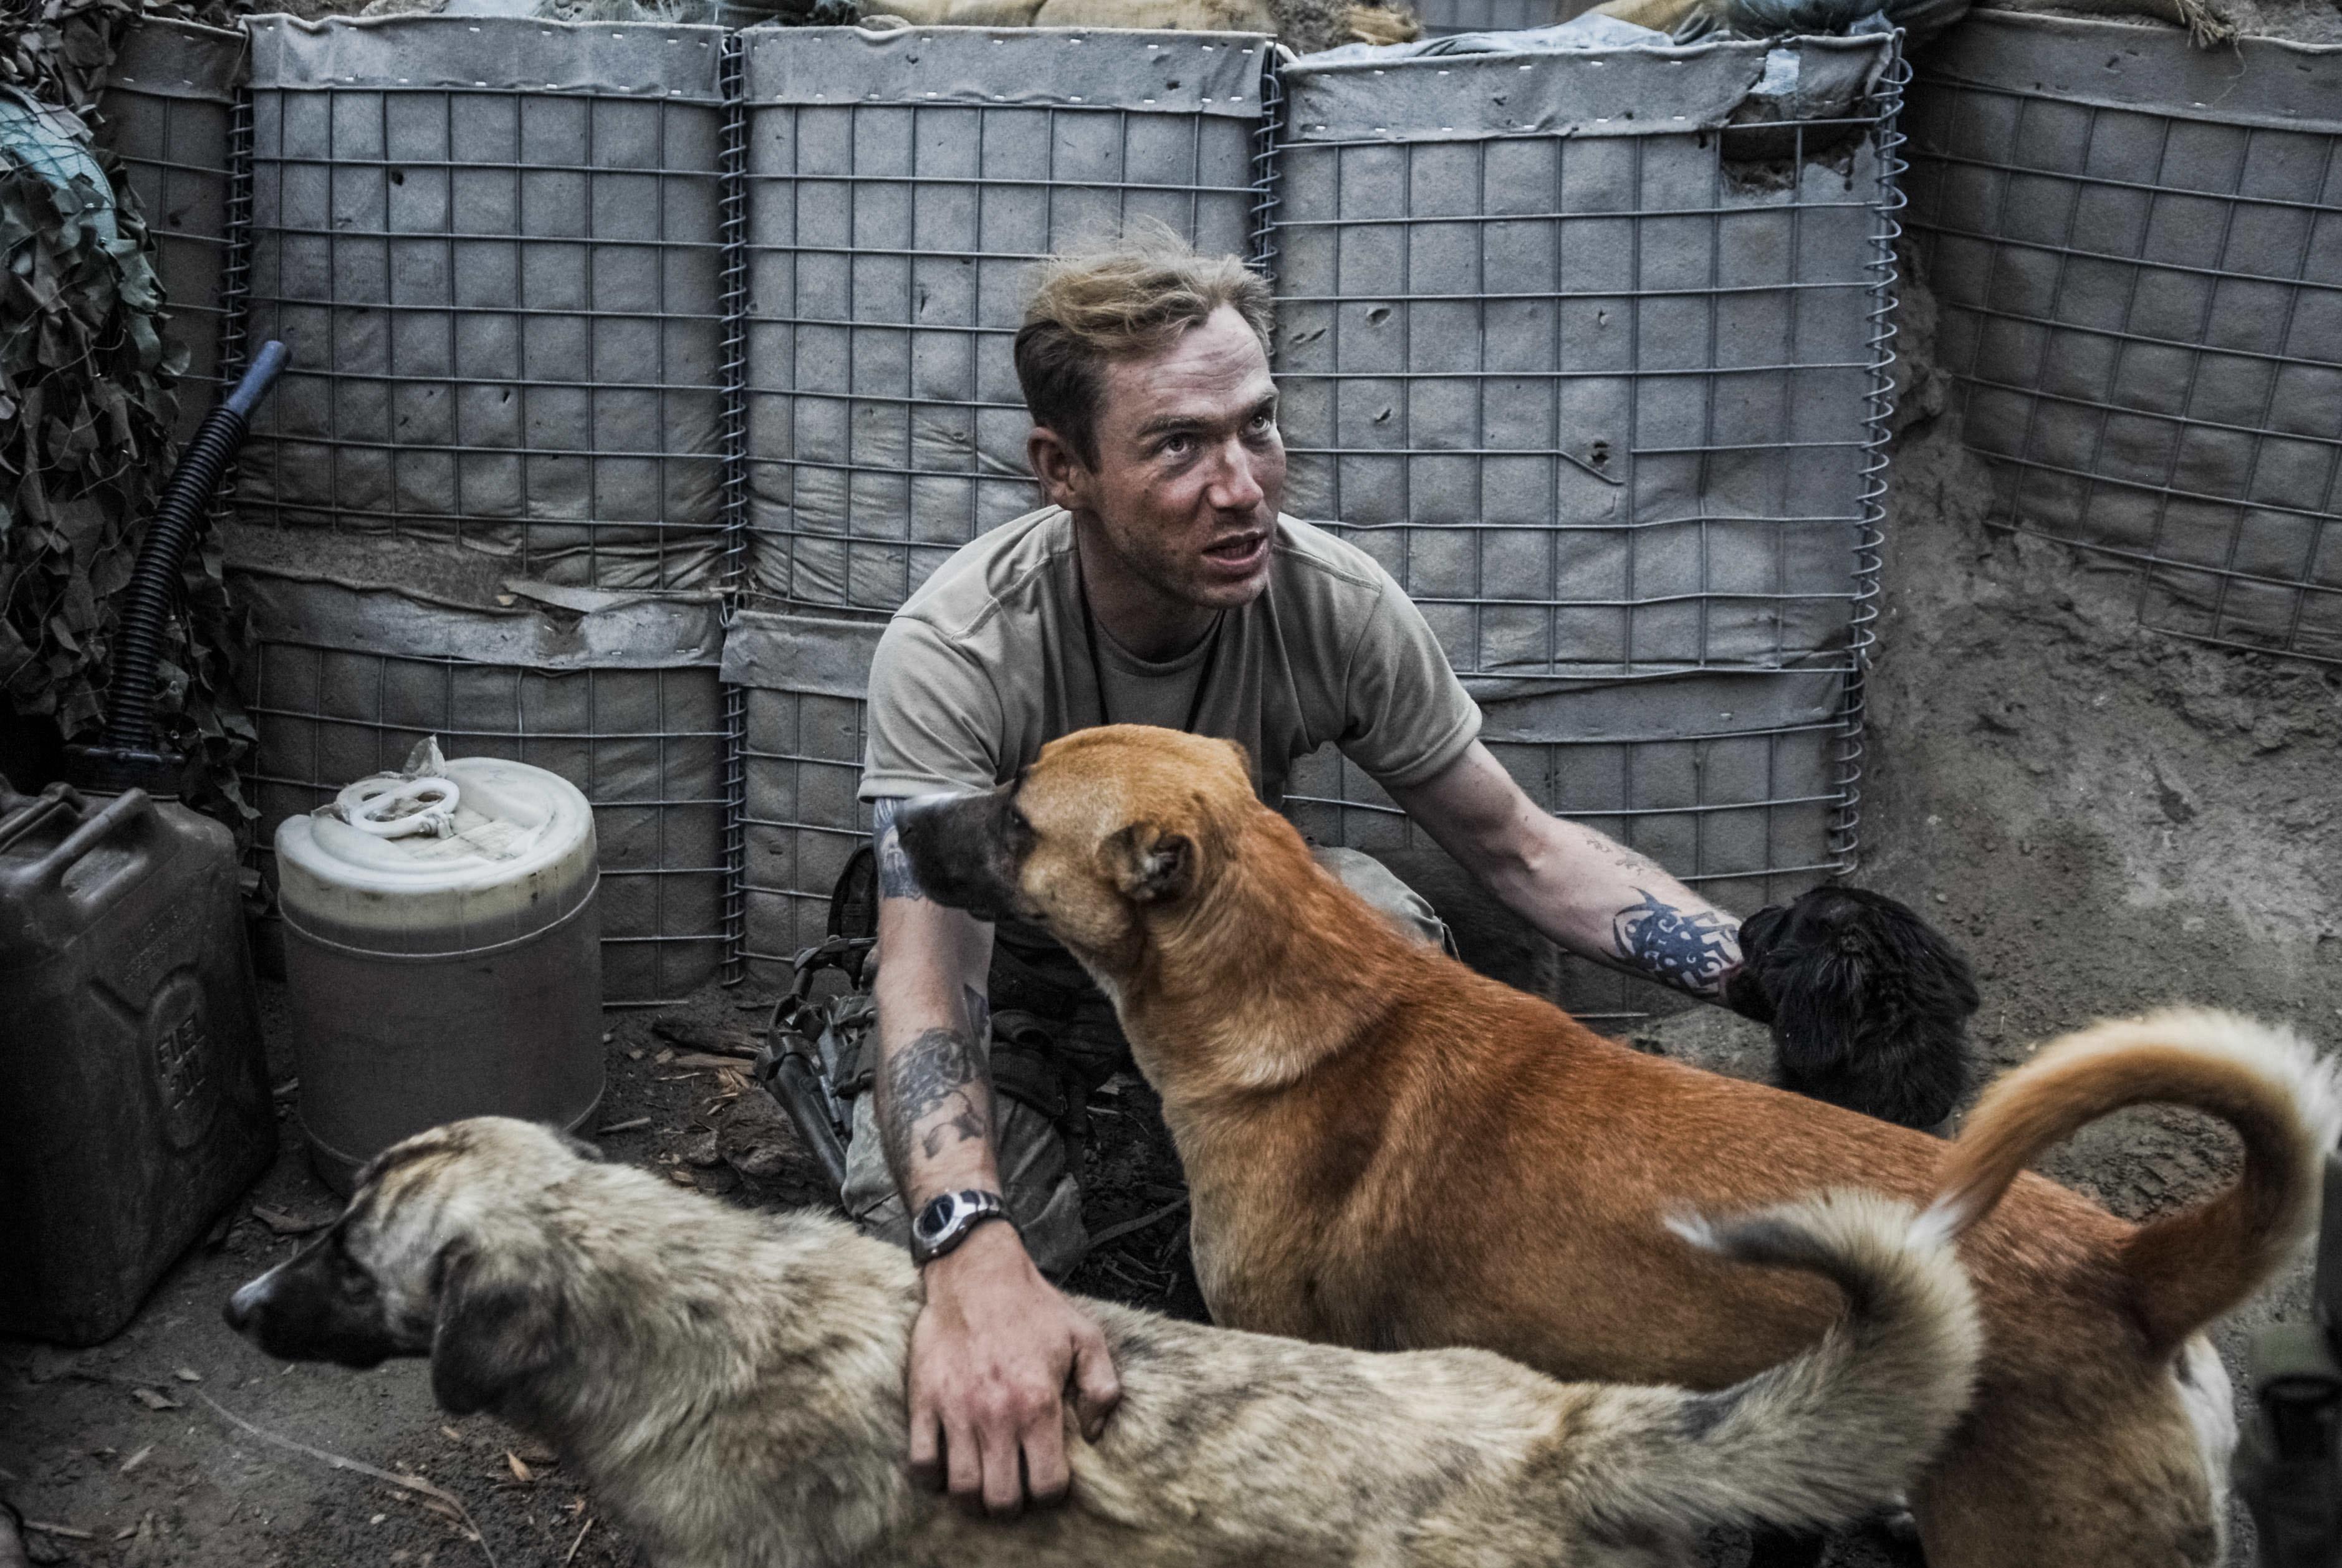 Peter van Agtmael: AFGHANISTAN. US-Afghan Army Outpost. © Peter van Agtmael/Magnum Photos